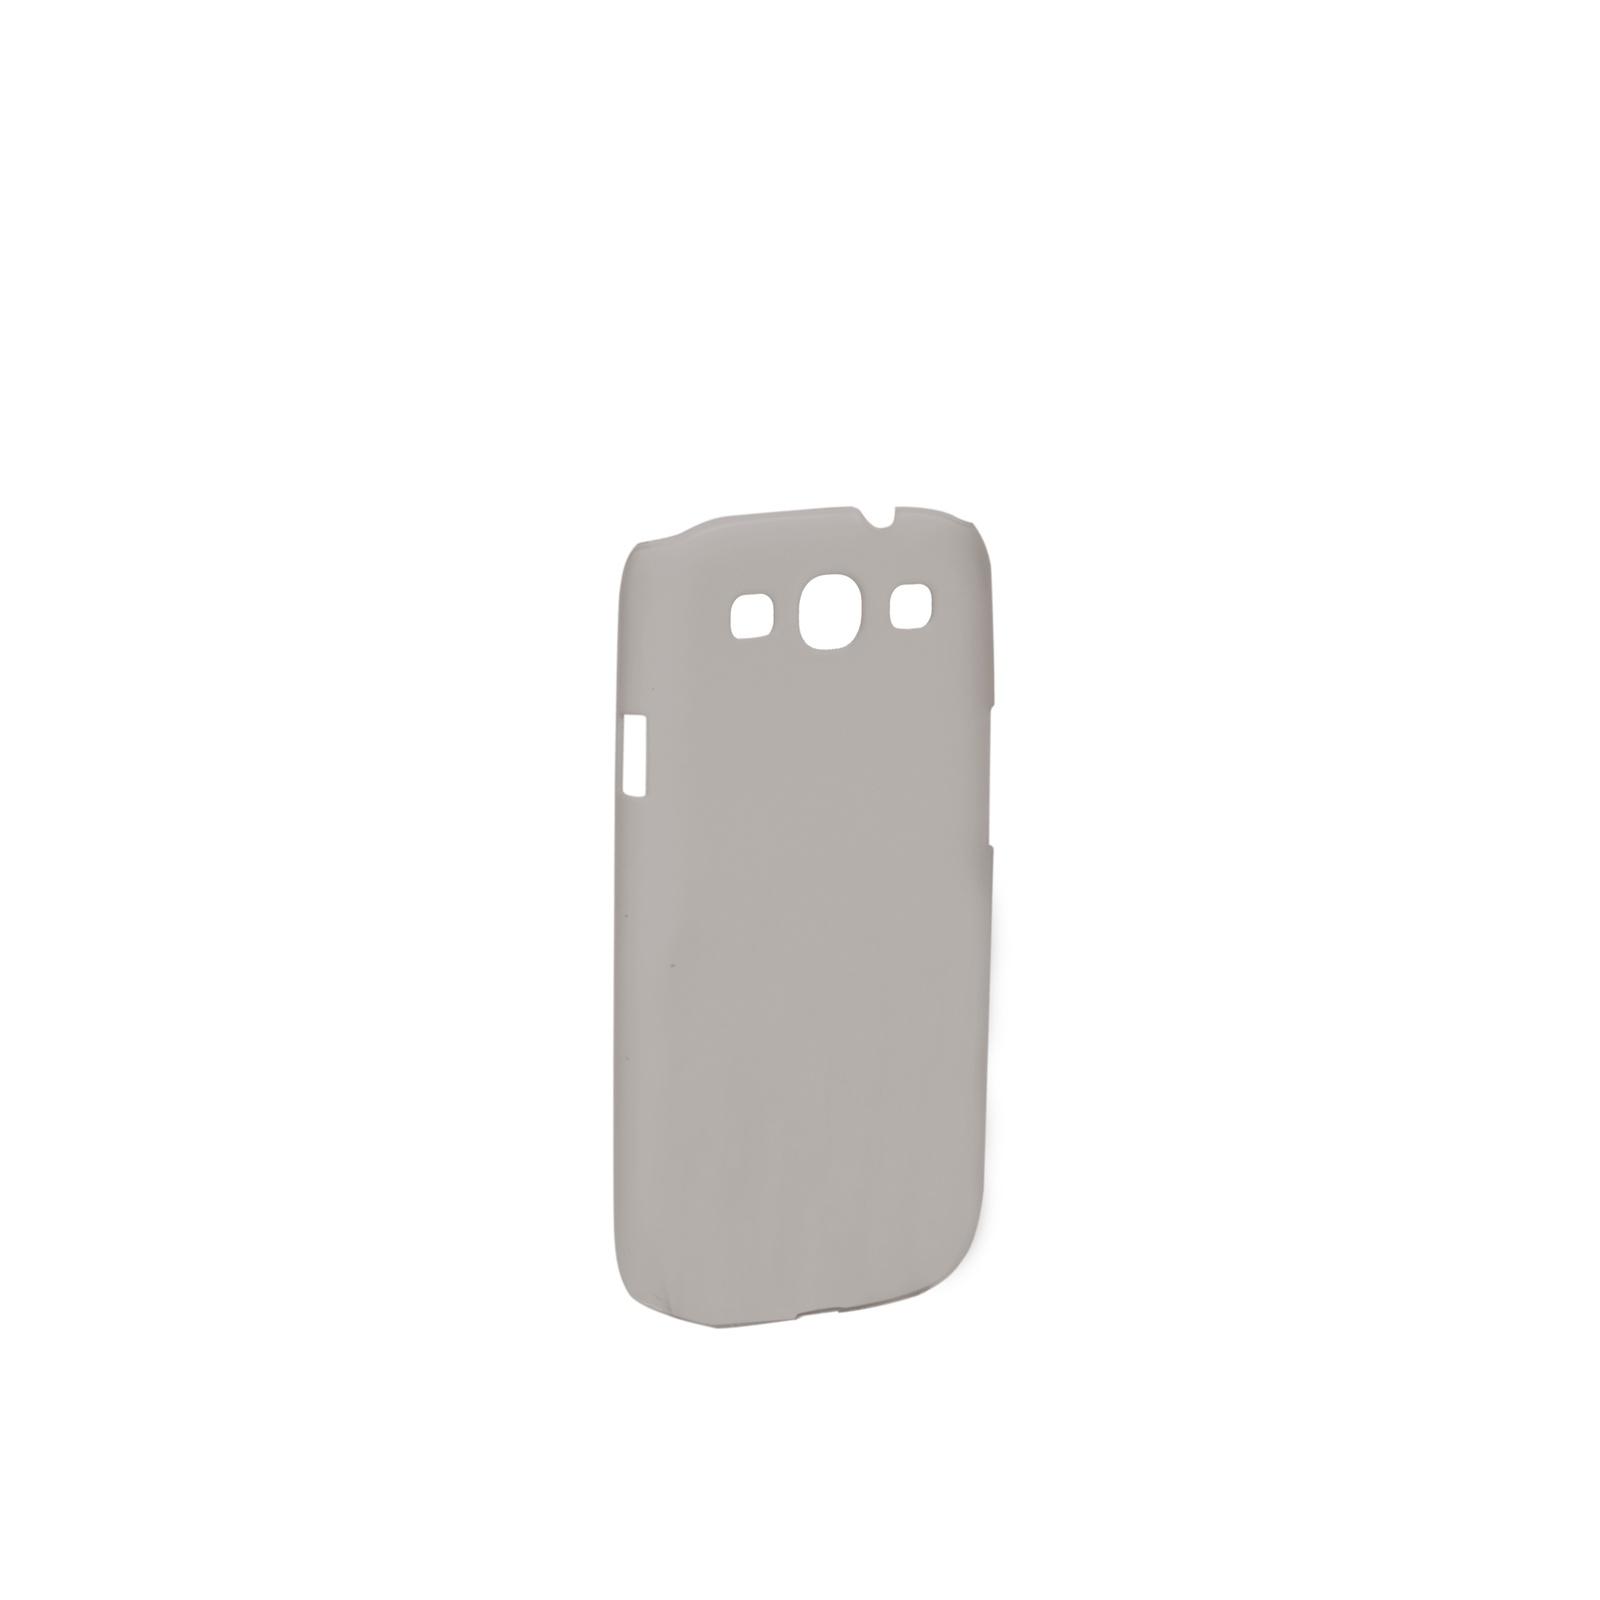 Чехол для сотового телефона IQ Format Samsung Galaxy S3, 6225813152780, серый стилус other apple ipad samsung galaxy s3 i9300 21 eg0628